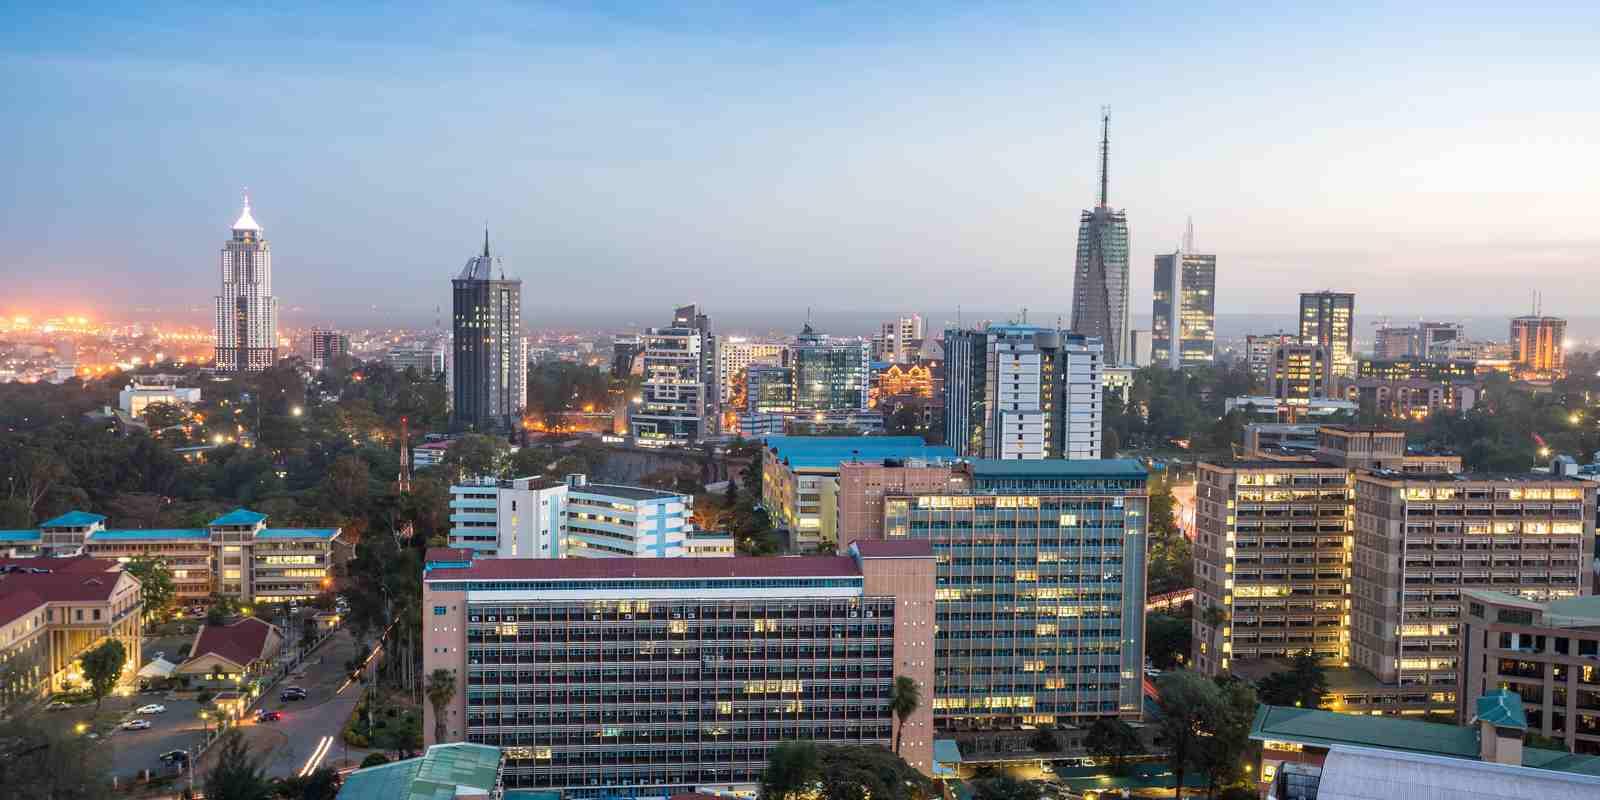 Au Kenya, une crypto-monnaie aide les habitants à faire face à la crise